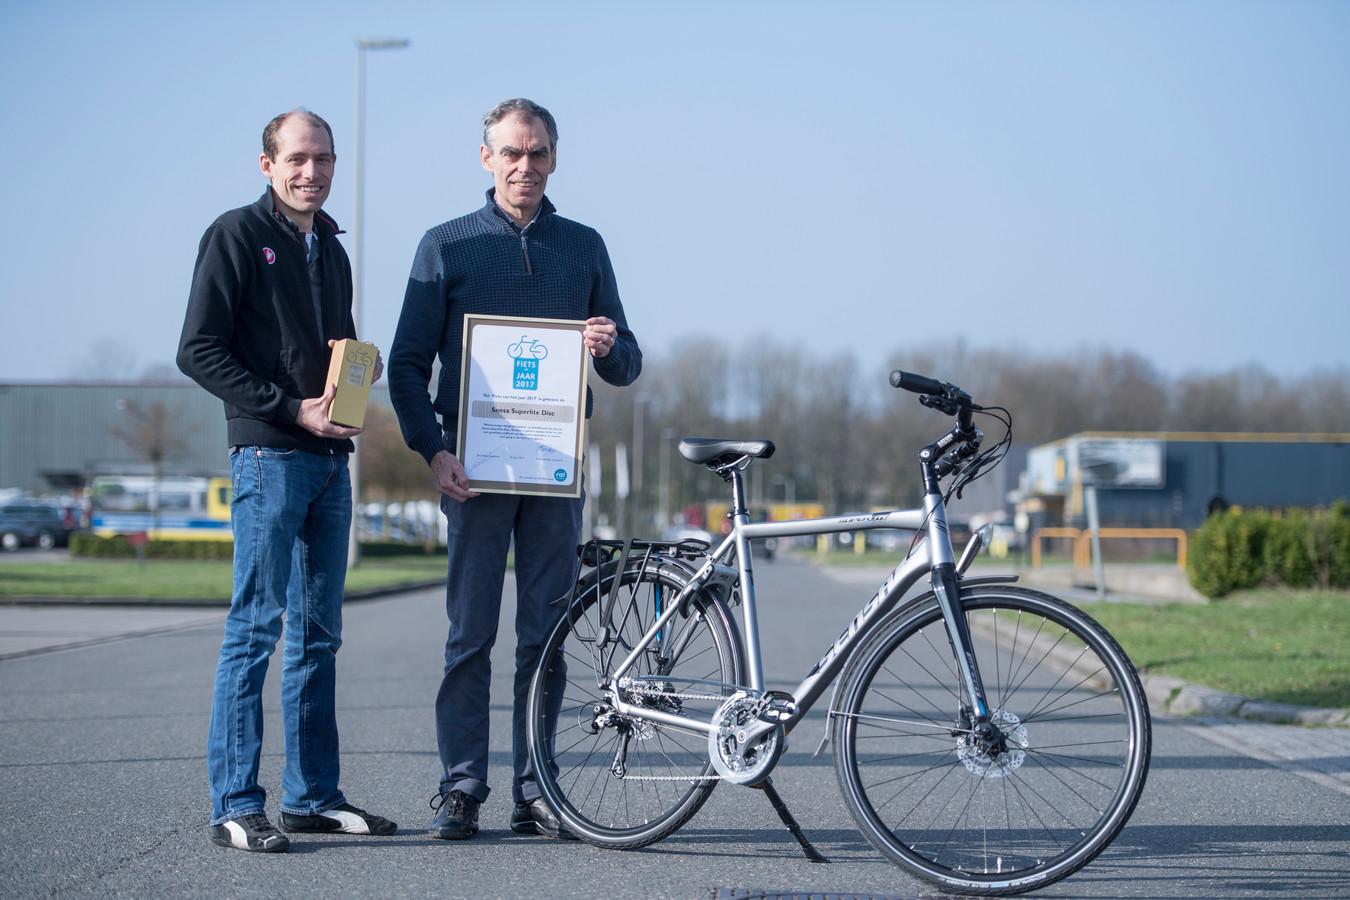 Ongebruikt Dit stalen ros uit Almelo is verkozen tot fiets van het jaar JA-06